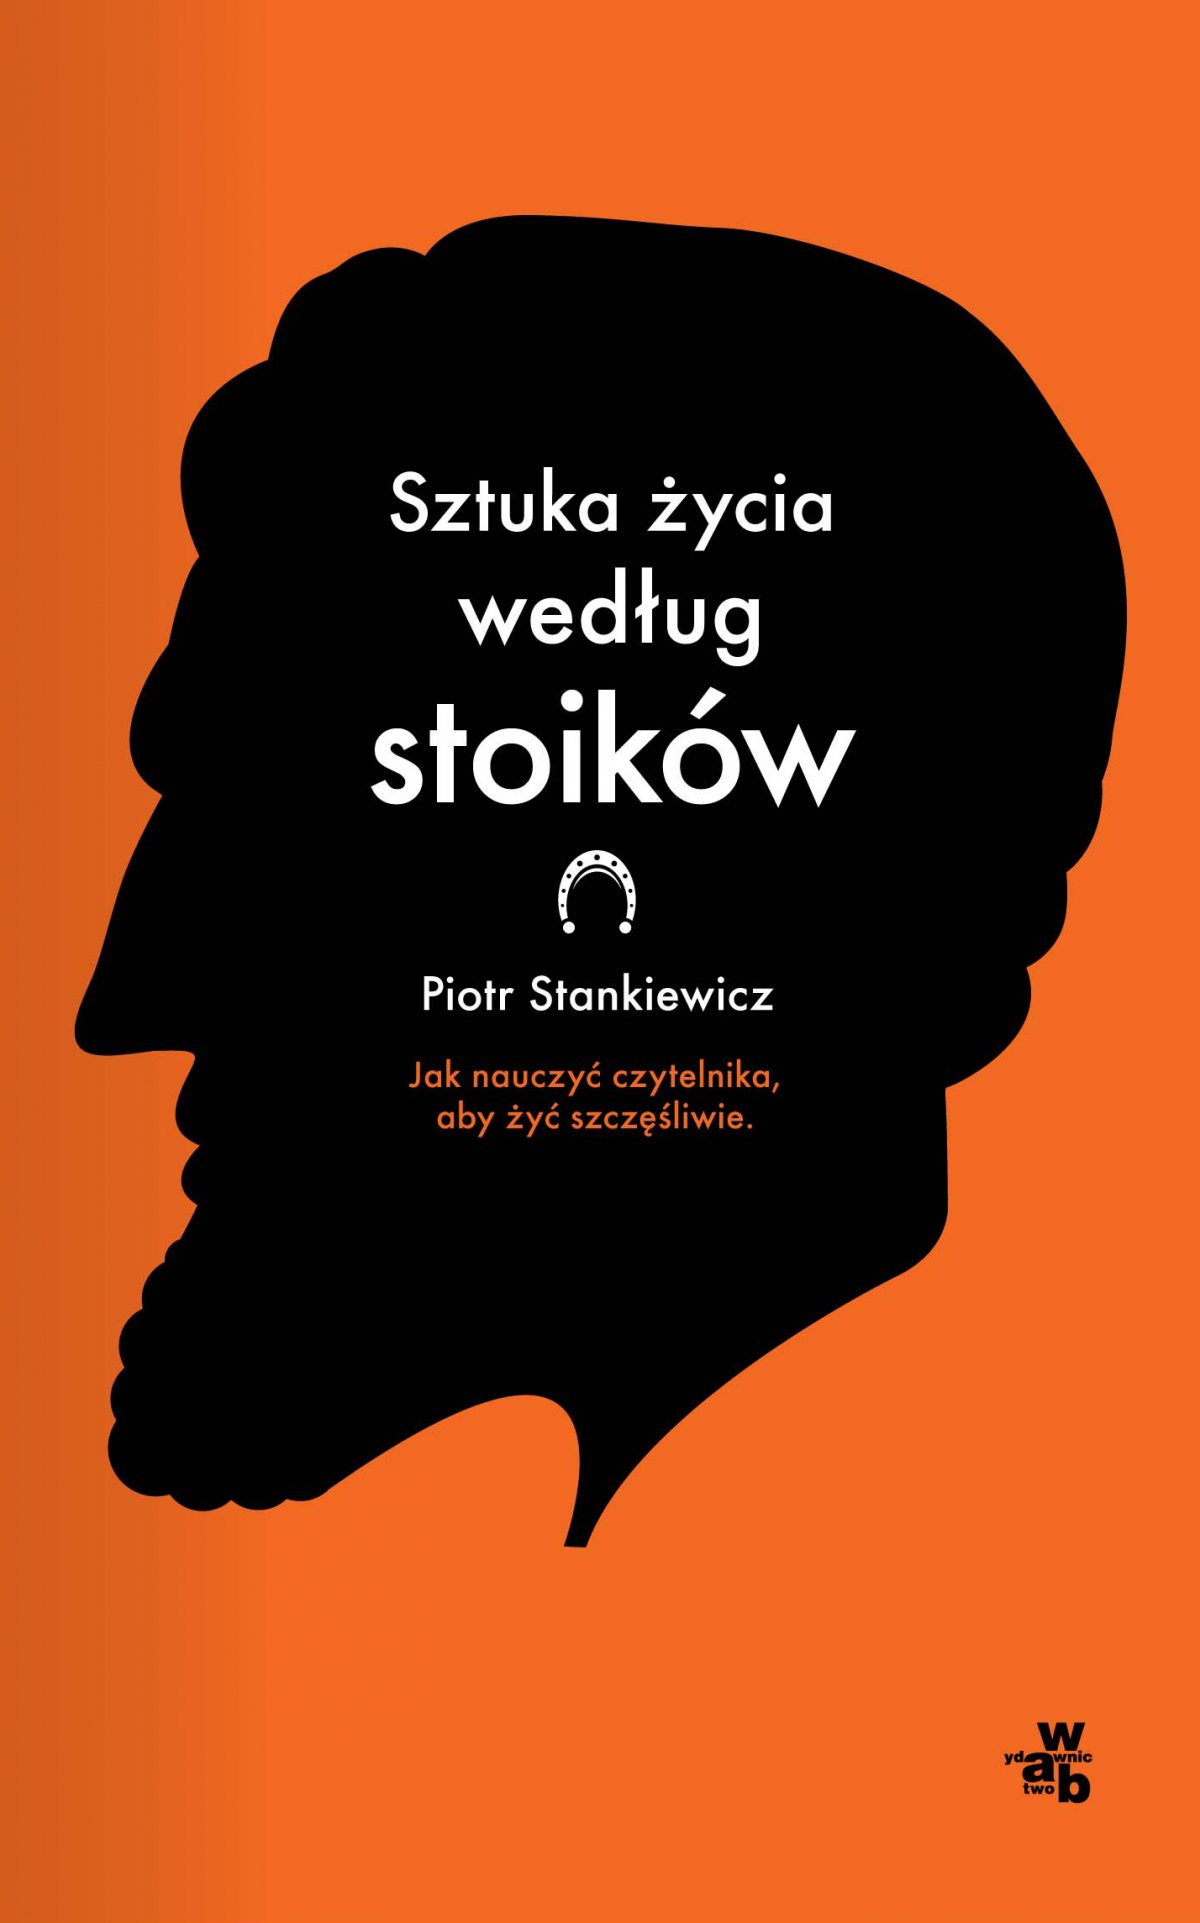 Sztuka życia według stoików - Ebook (Książka EPUB) do pobrania w formacie EPUB